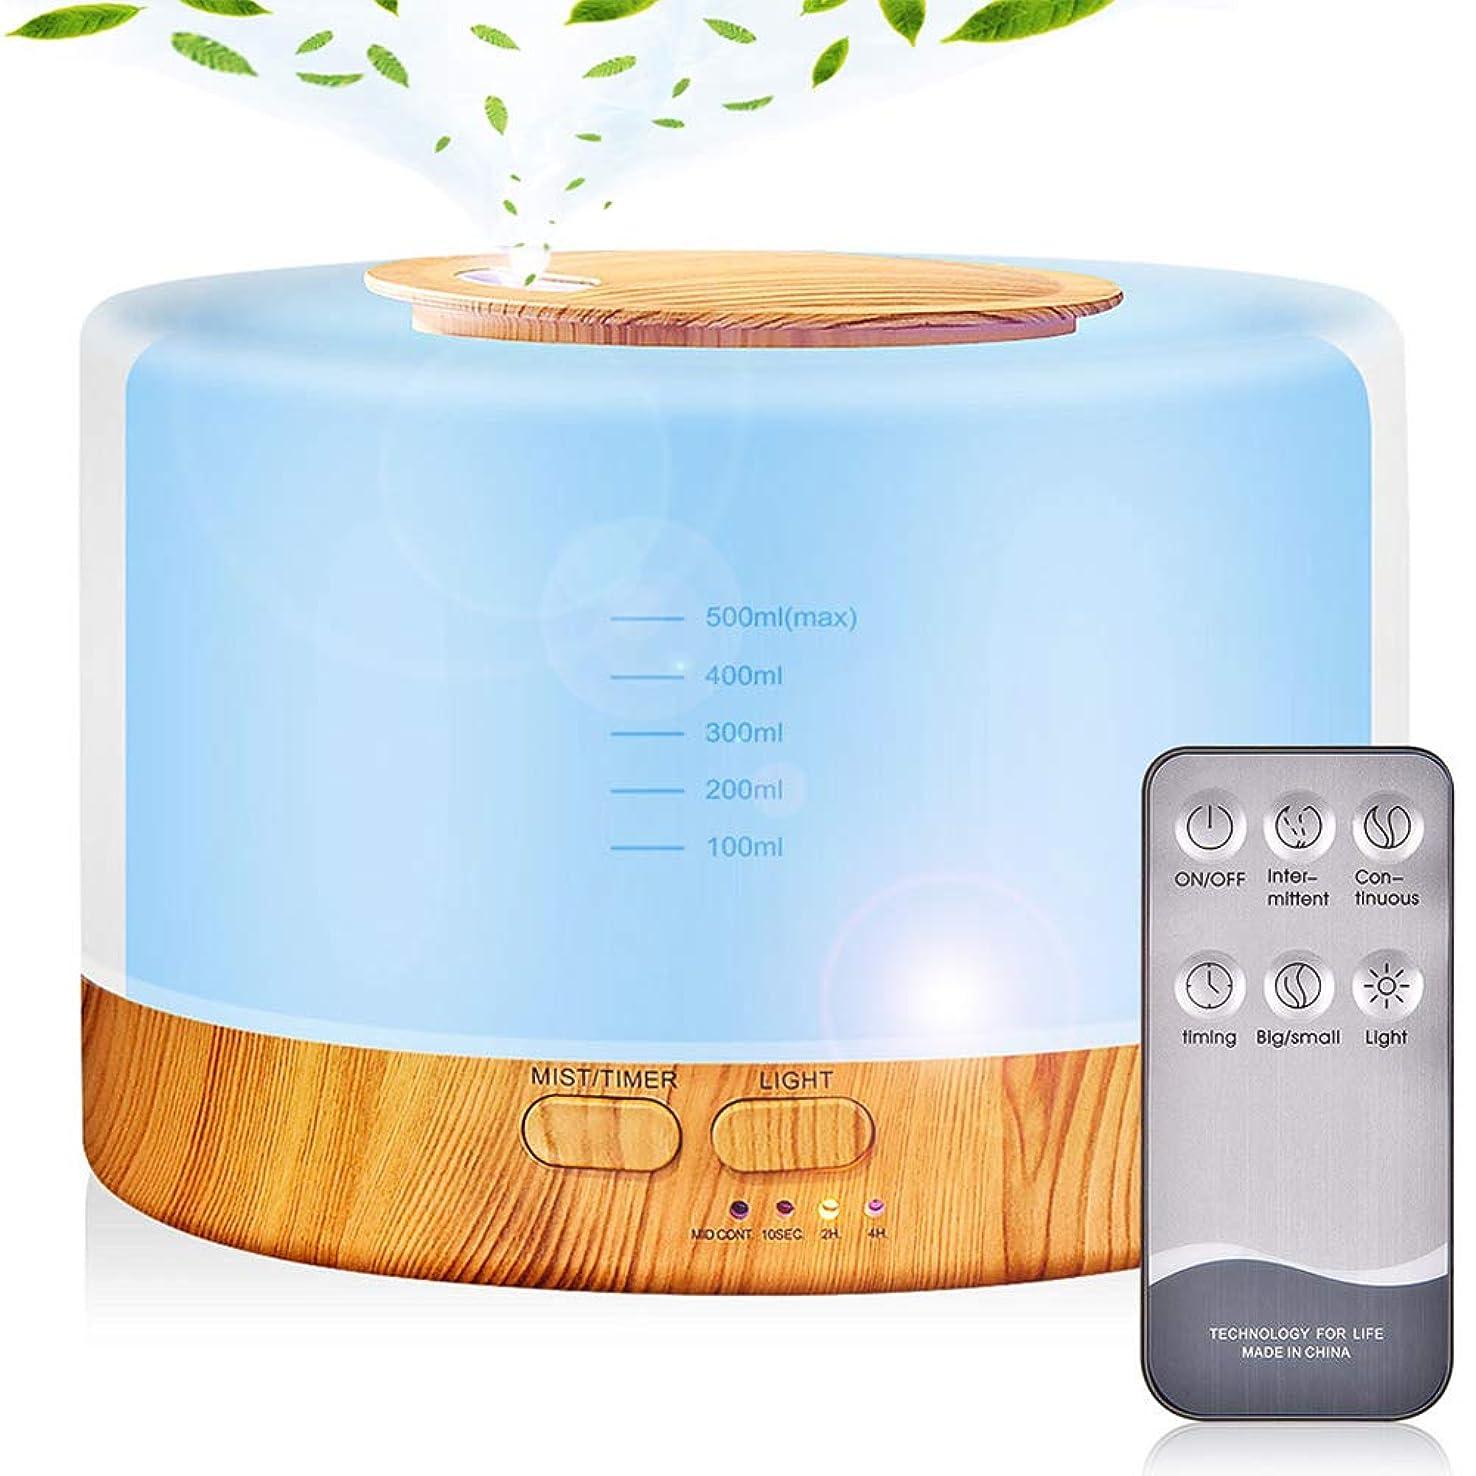 優しさ第二に望みアロマディフューザー 加湿器, 卓上 大容量 超音波加湿器, 500ML 保湿 時間設定 空焚き防止 7色変換LED搭載 (木目調)